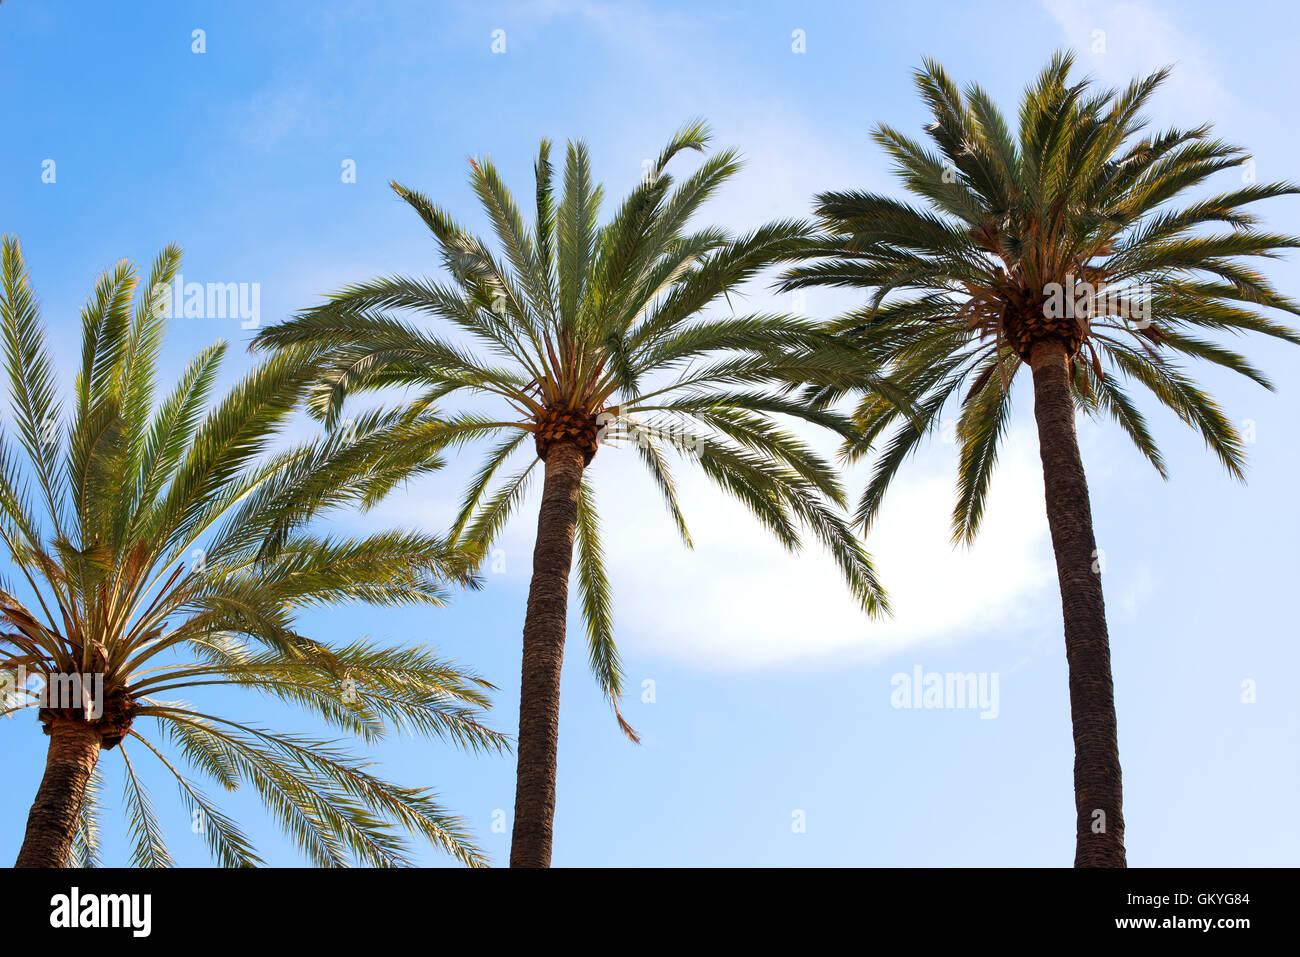 Couronnes et des frondes de palmiers tropicaux trois contre un ciel bleu ensoleillé de l'été Photo Stock